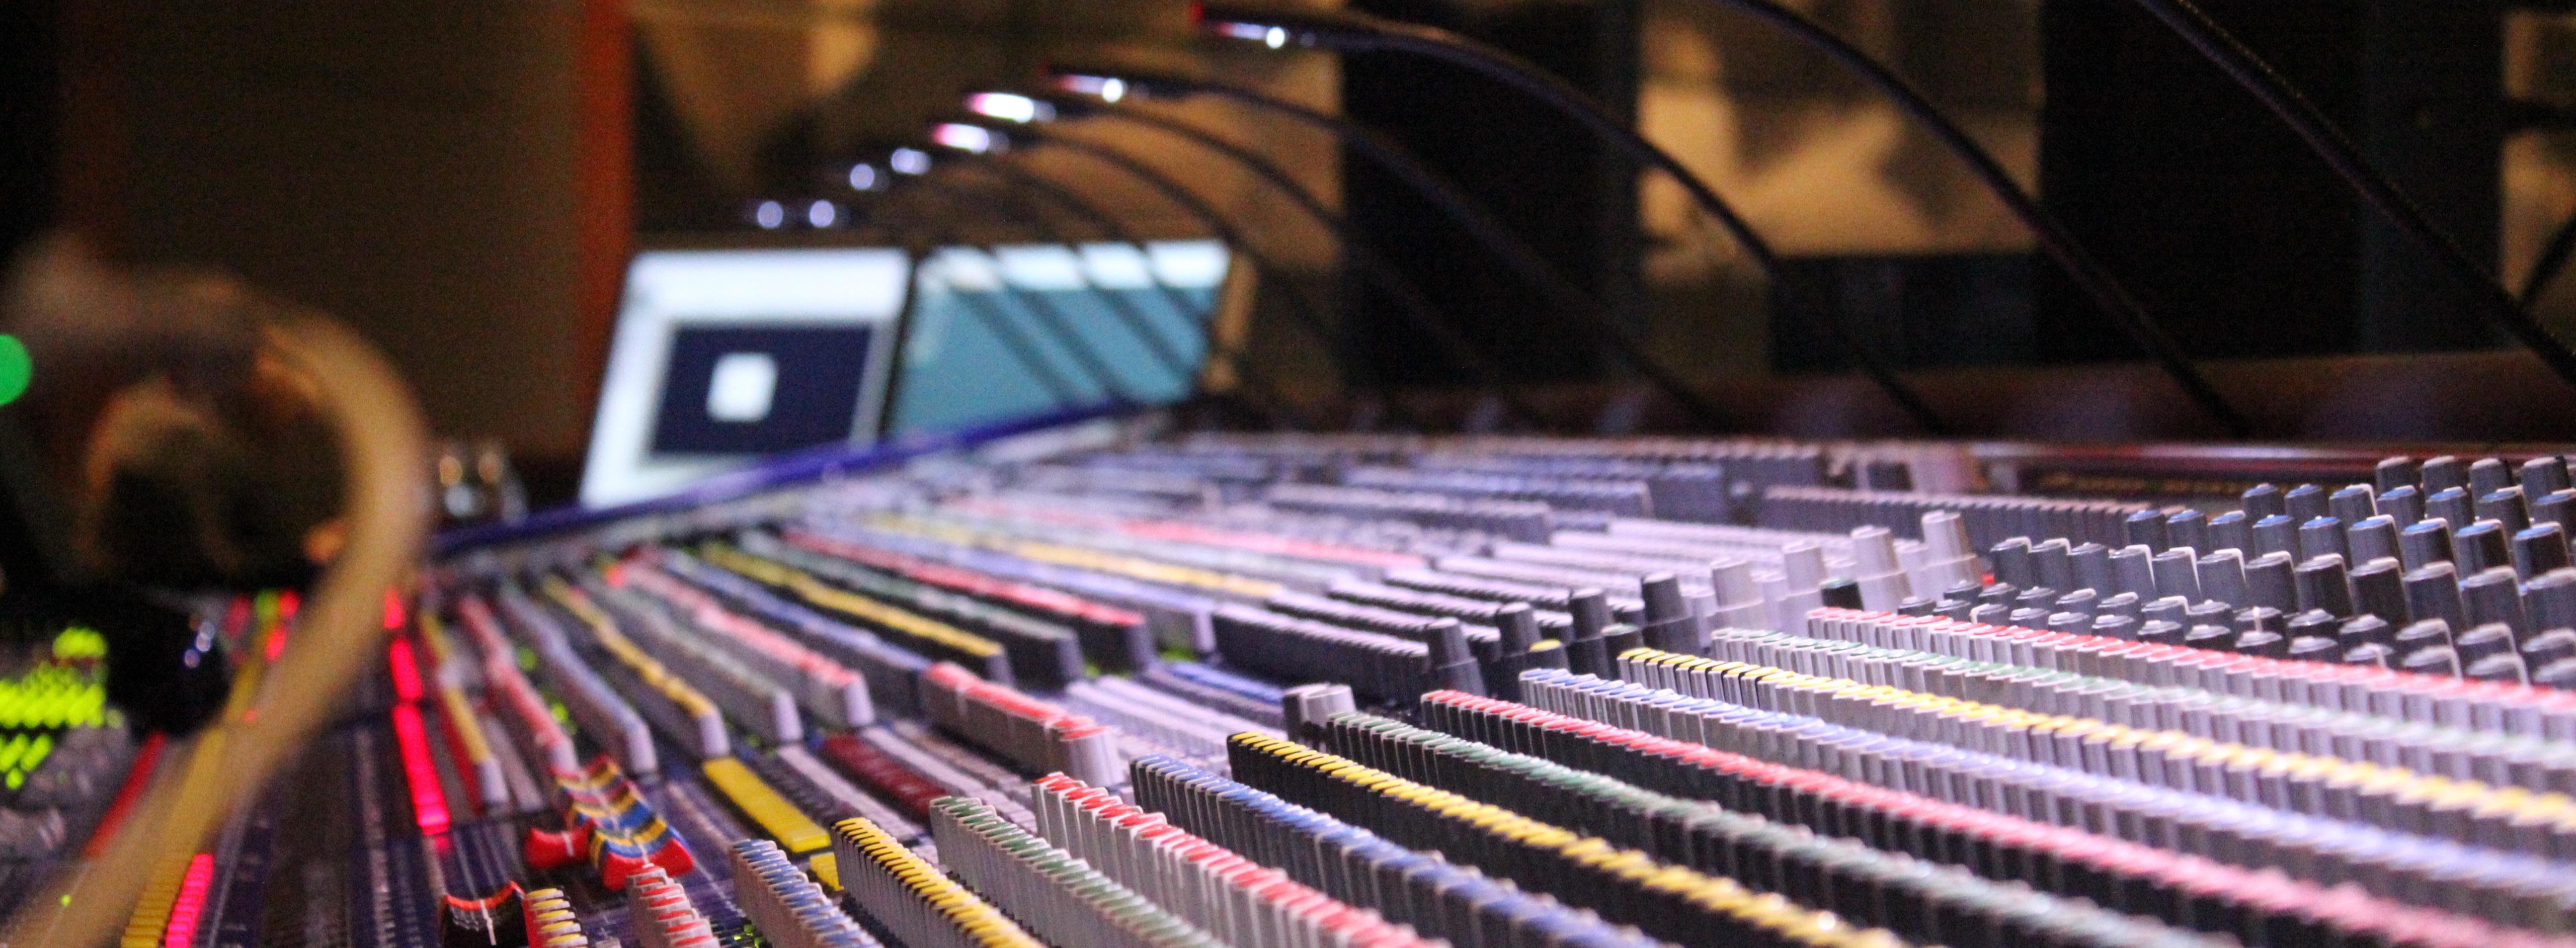 Soundboard-785798